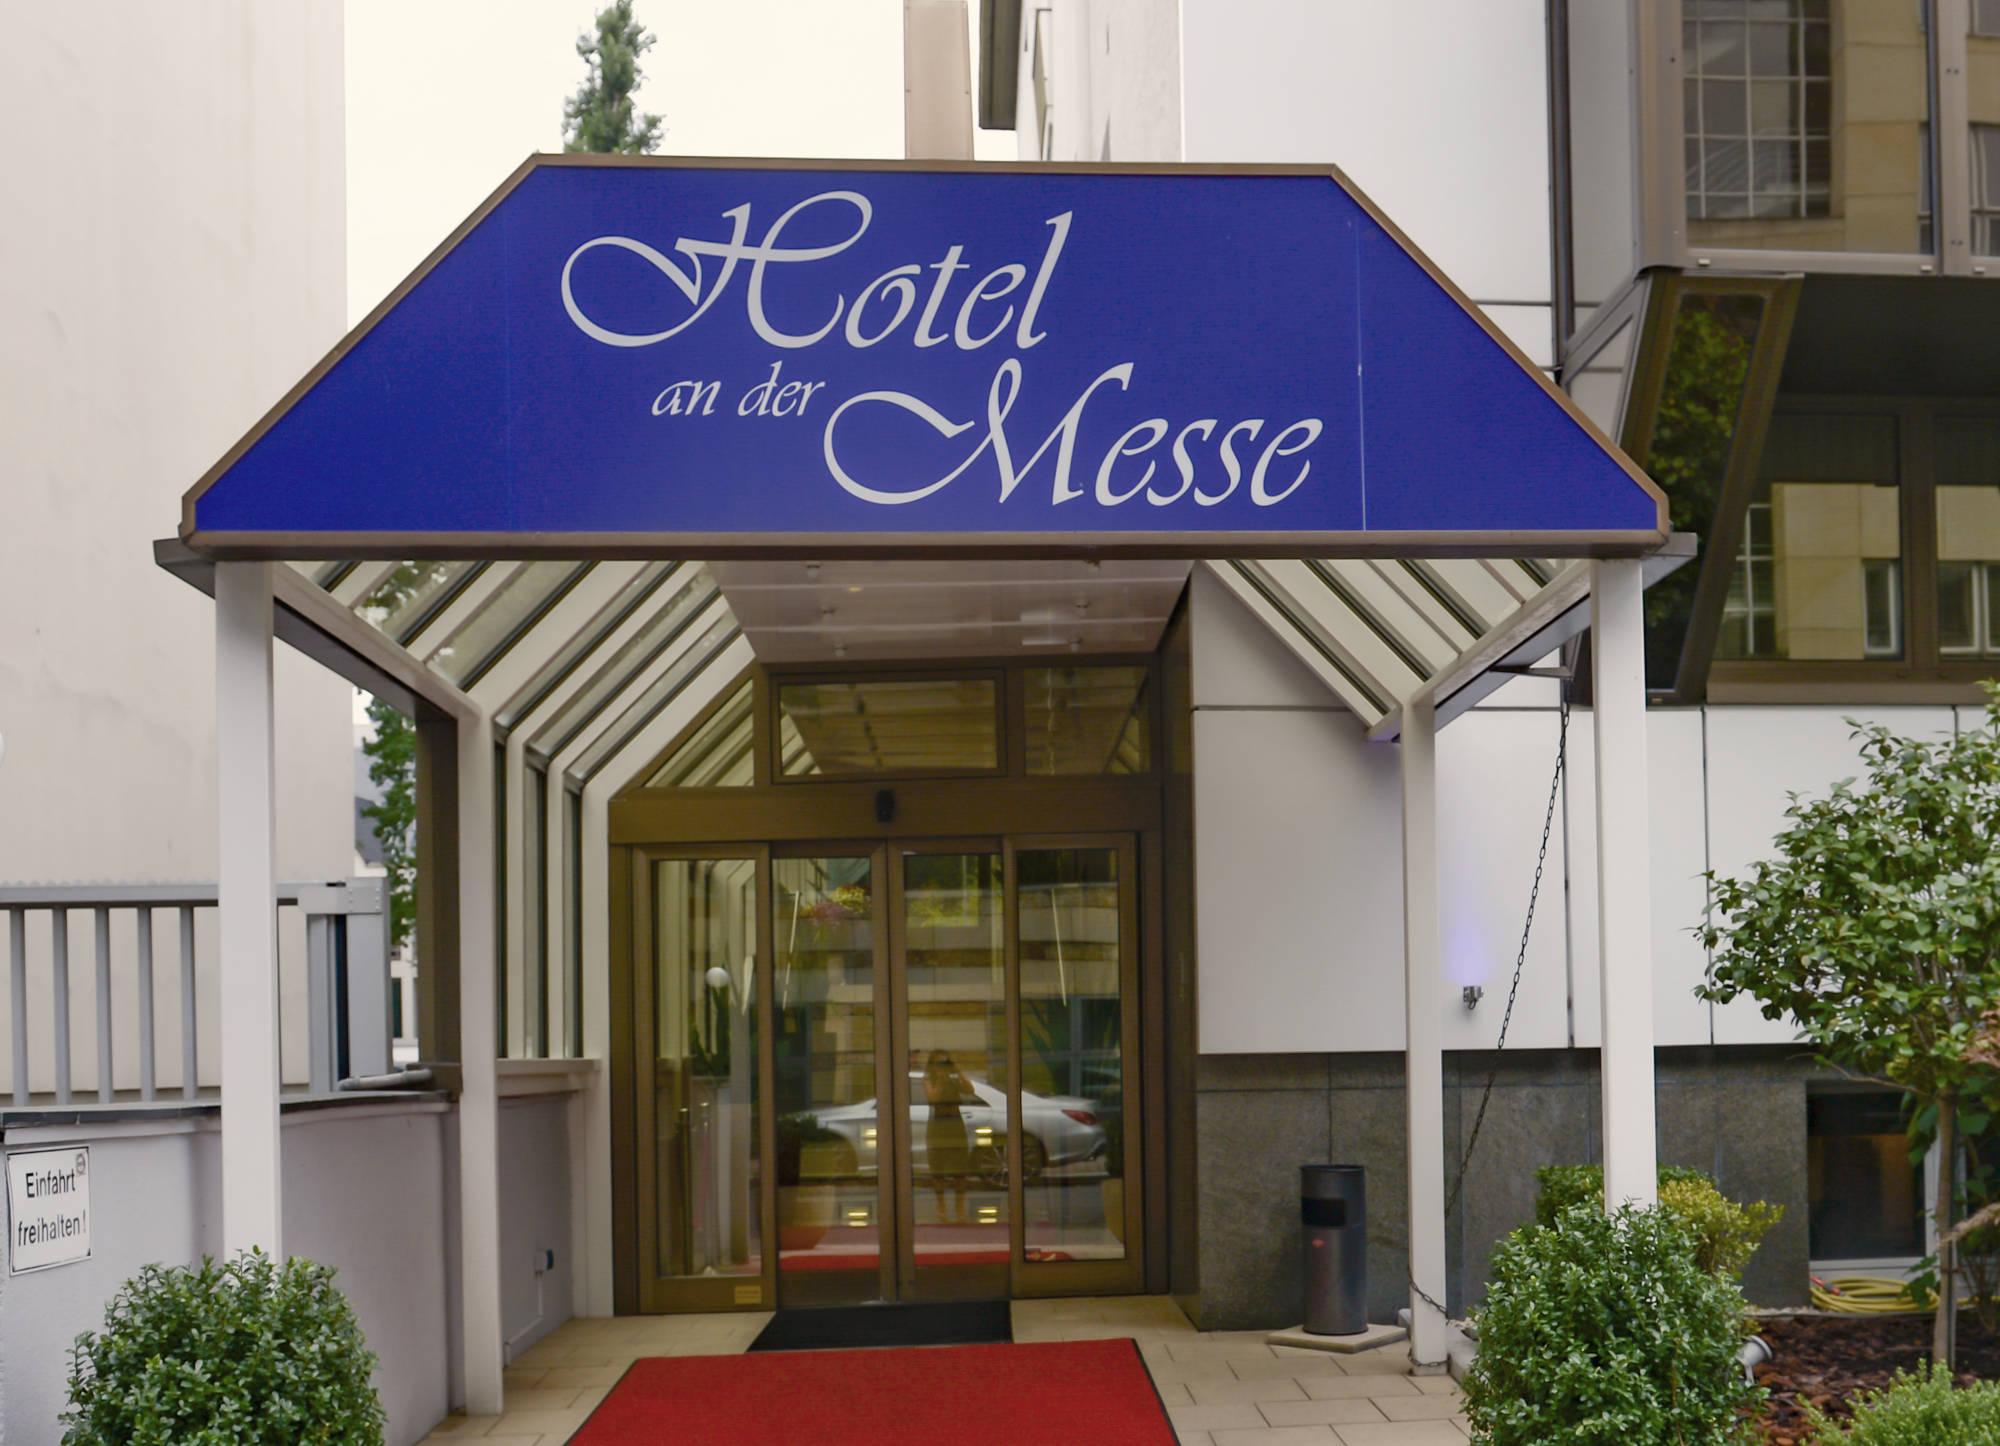 Eingang | Villa Westend Hotel an der Messe | Frankfurt's insider tip · Business · Leisure